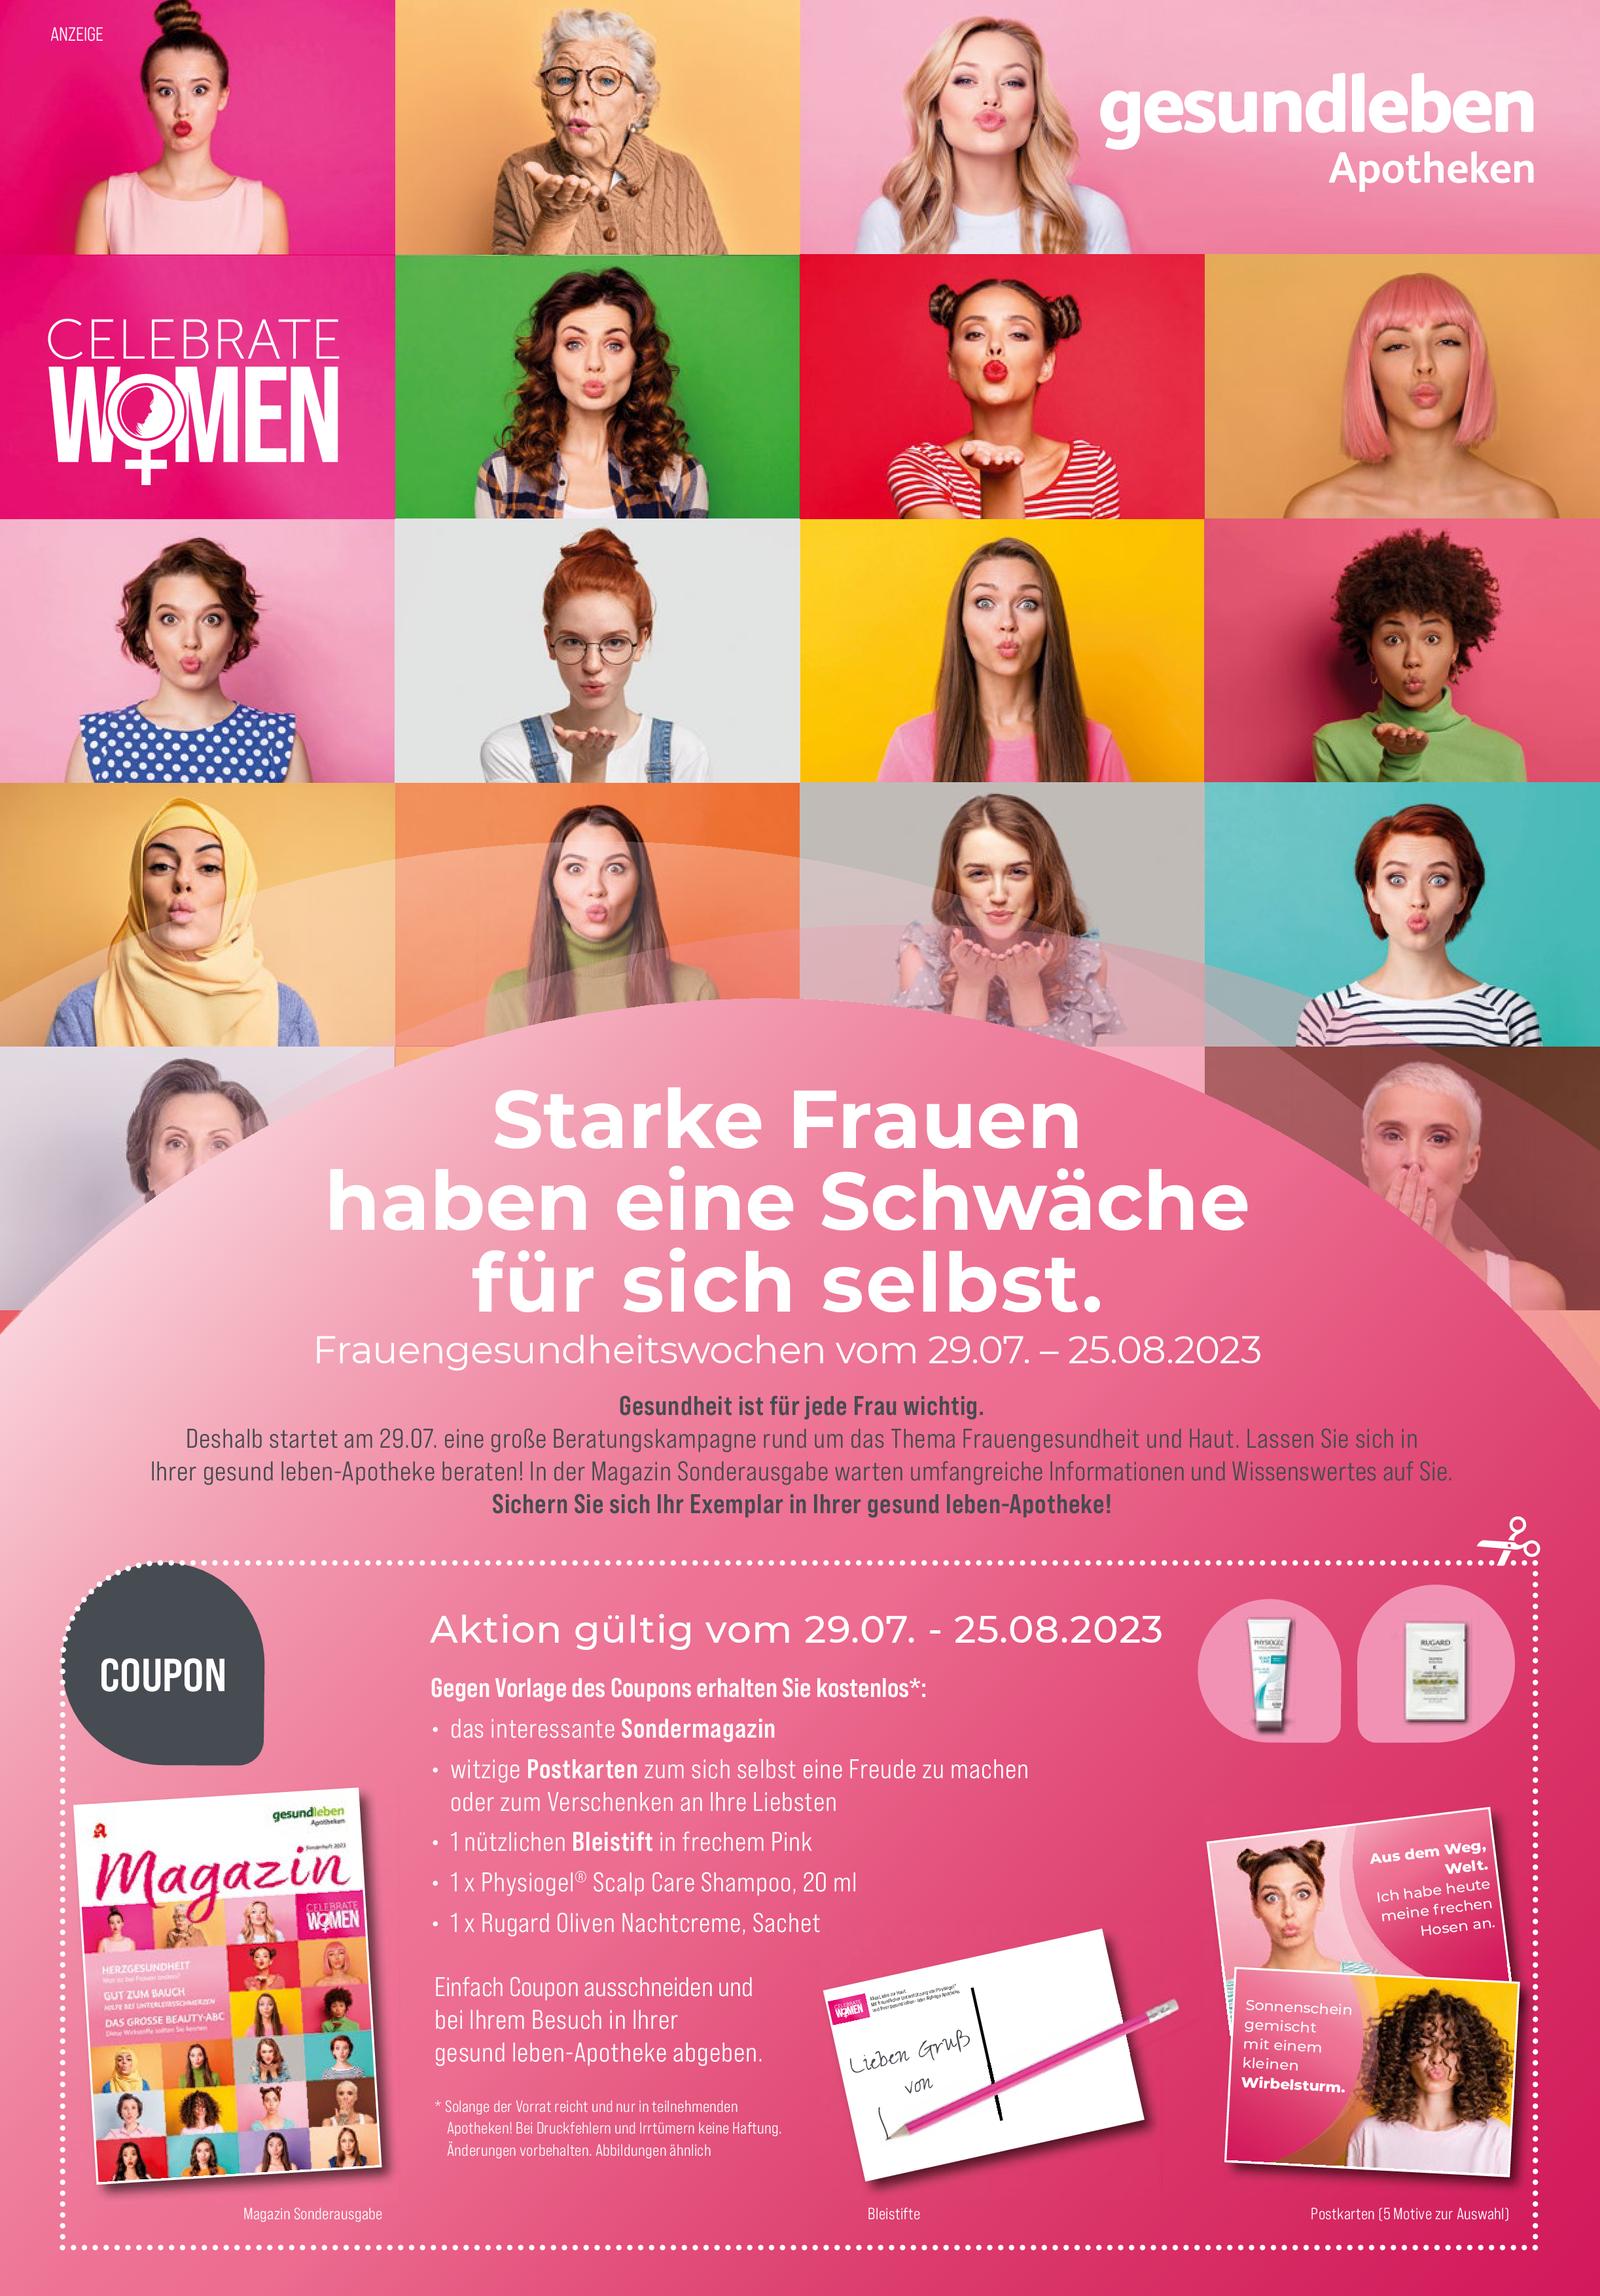 https://mein-uploads.apocdn.net/13933/leaflets/gesundleben_mittel-Seite5.png